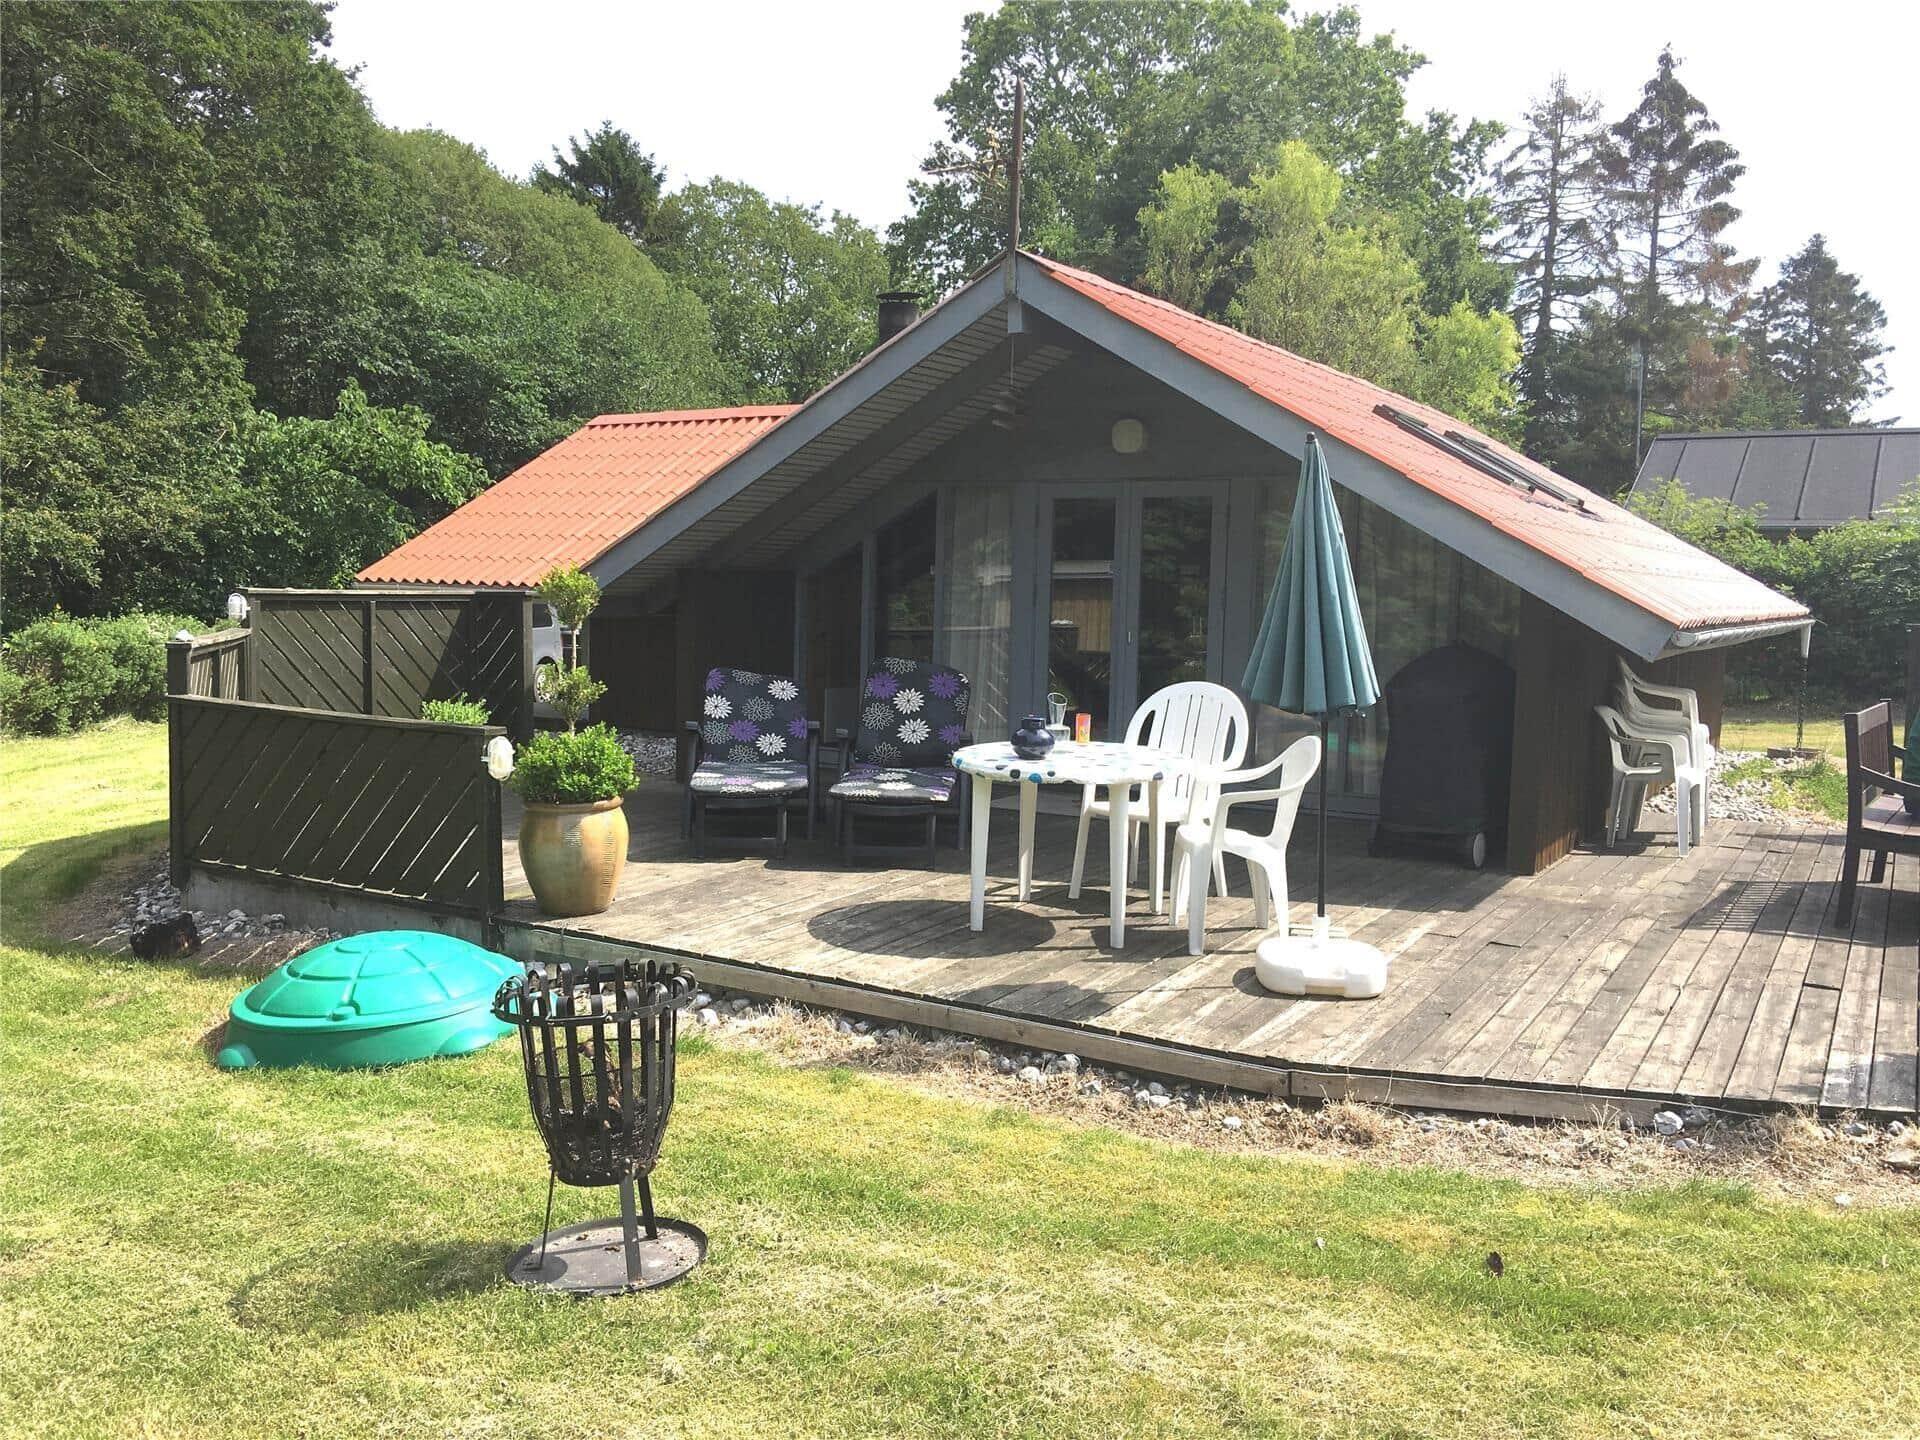 Billede 1-19 Sommerhus 30380, Strandmarksvej 31, DK - 8300 Odder